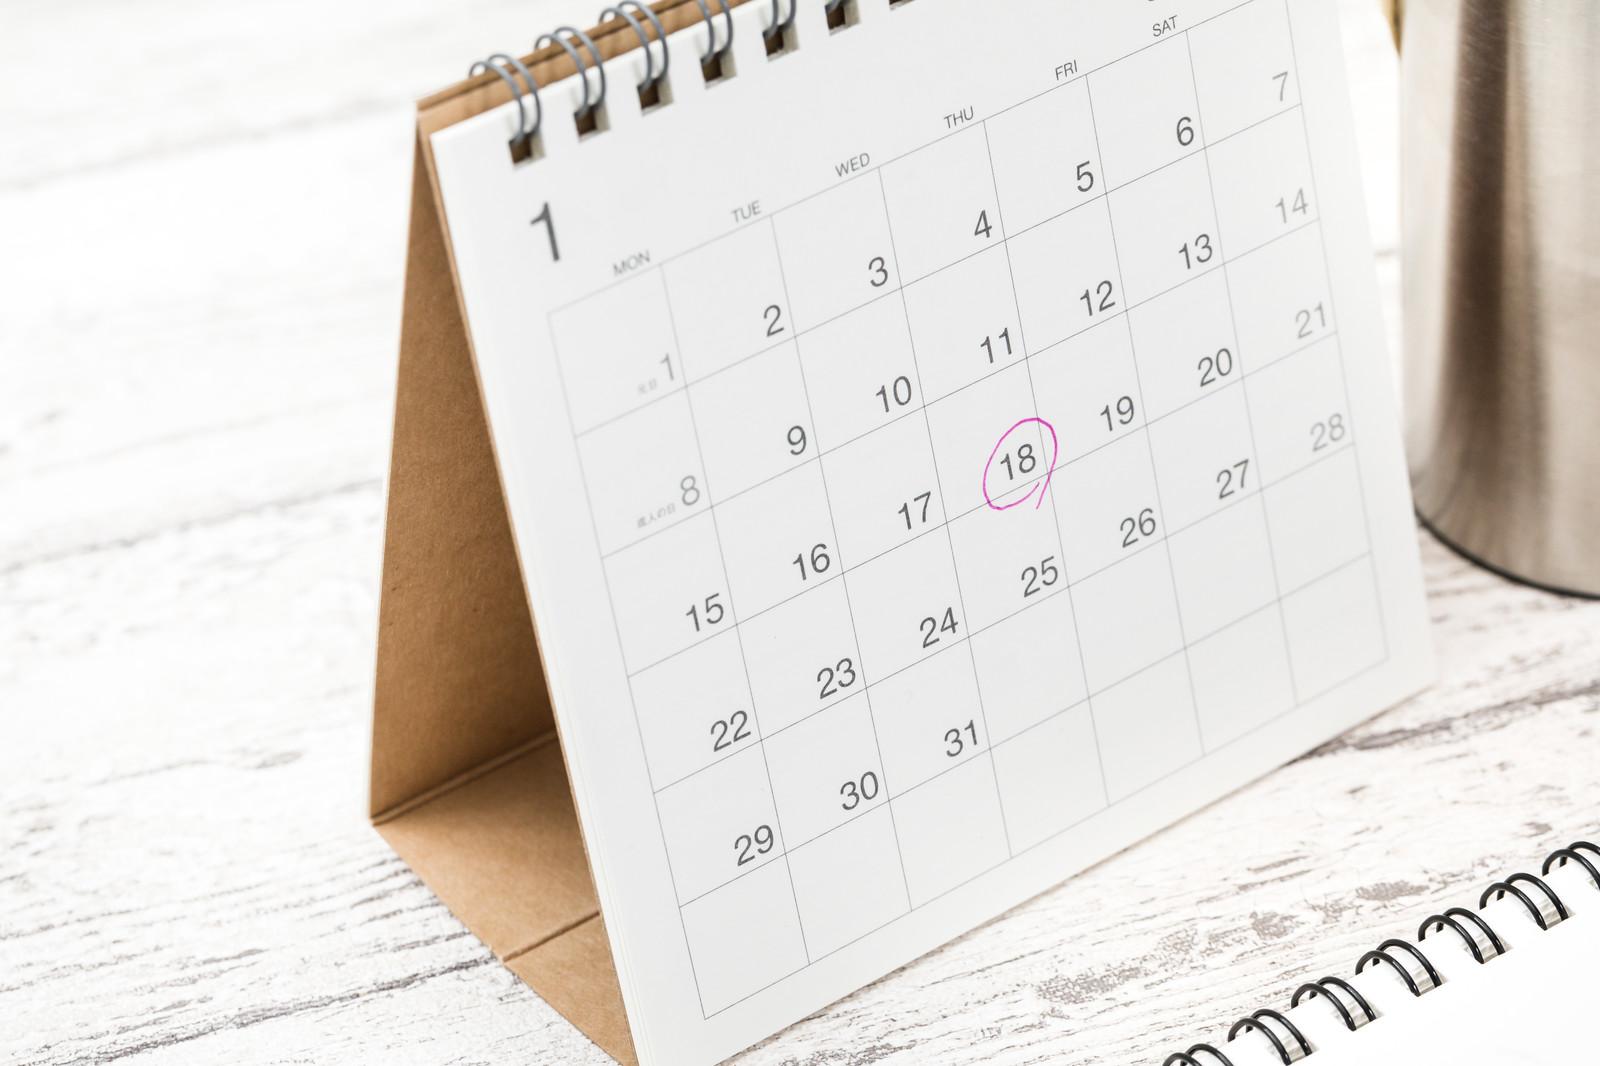 サブスクライフの支払い日が記されたカレンダー